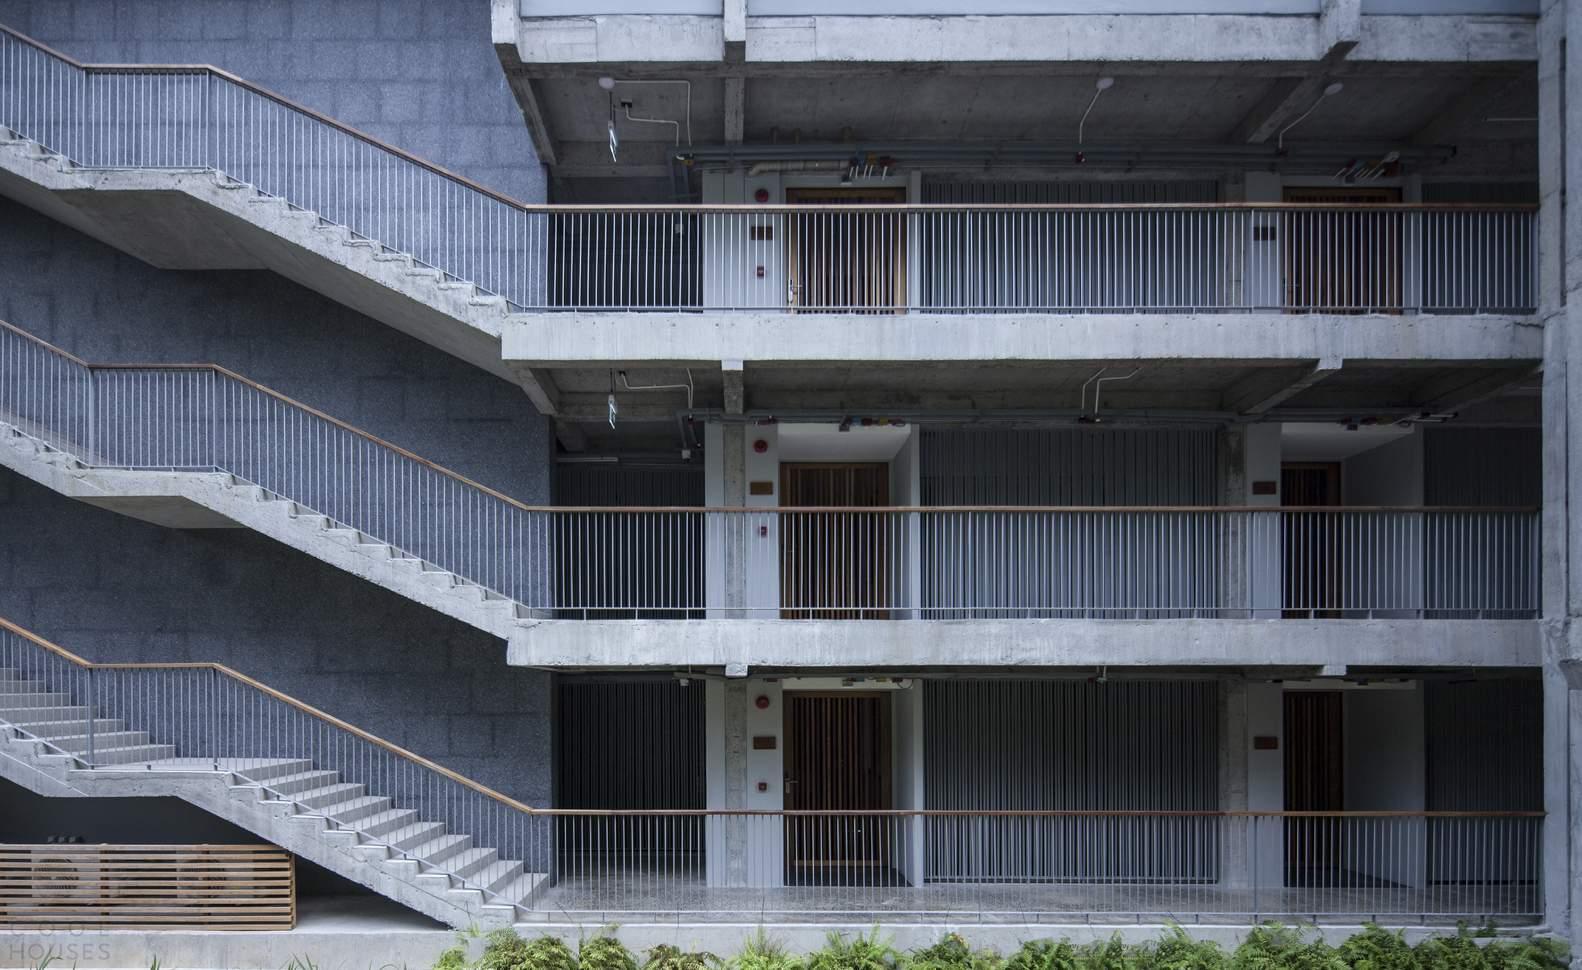 Курортный отель с длинными стильными балконами, Таиланд